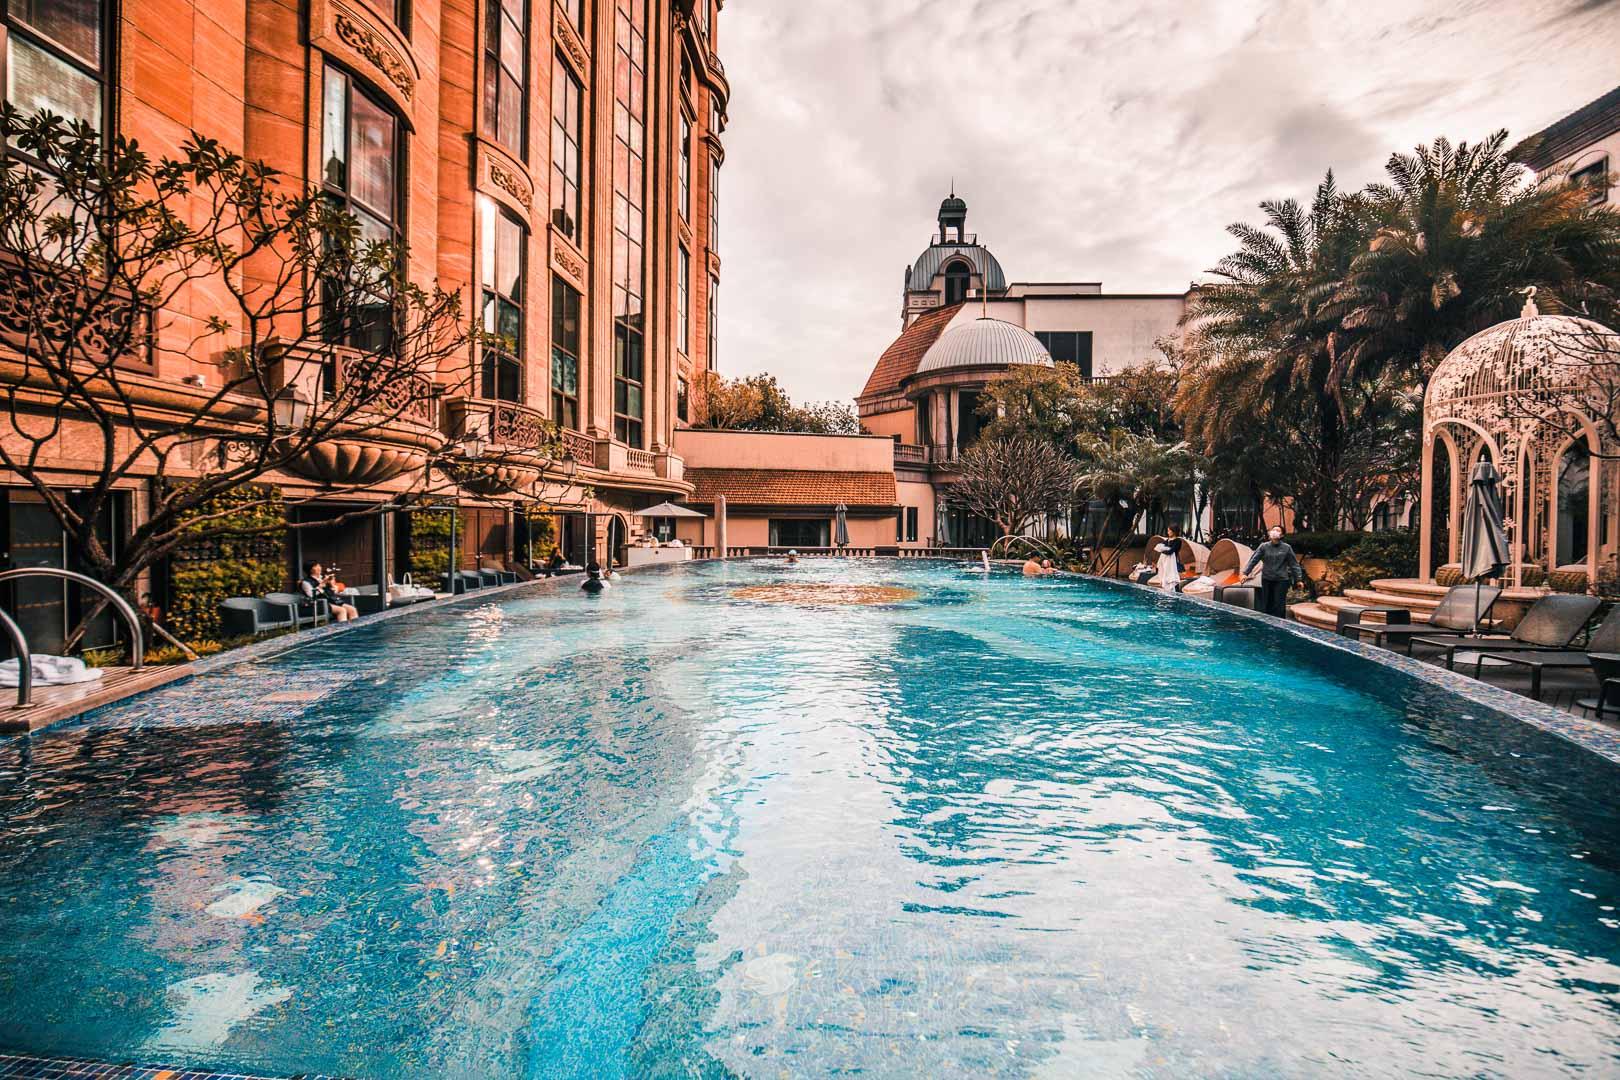 [台北住宿]台北文華東方酒店/歐風莊園游泳池!想來這游泳荷包負擔有點大,富比士五星大獎飯店